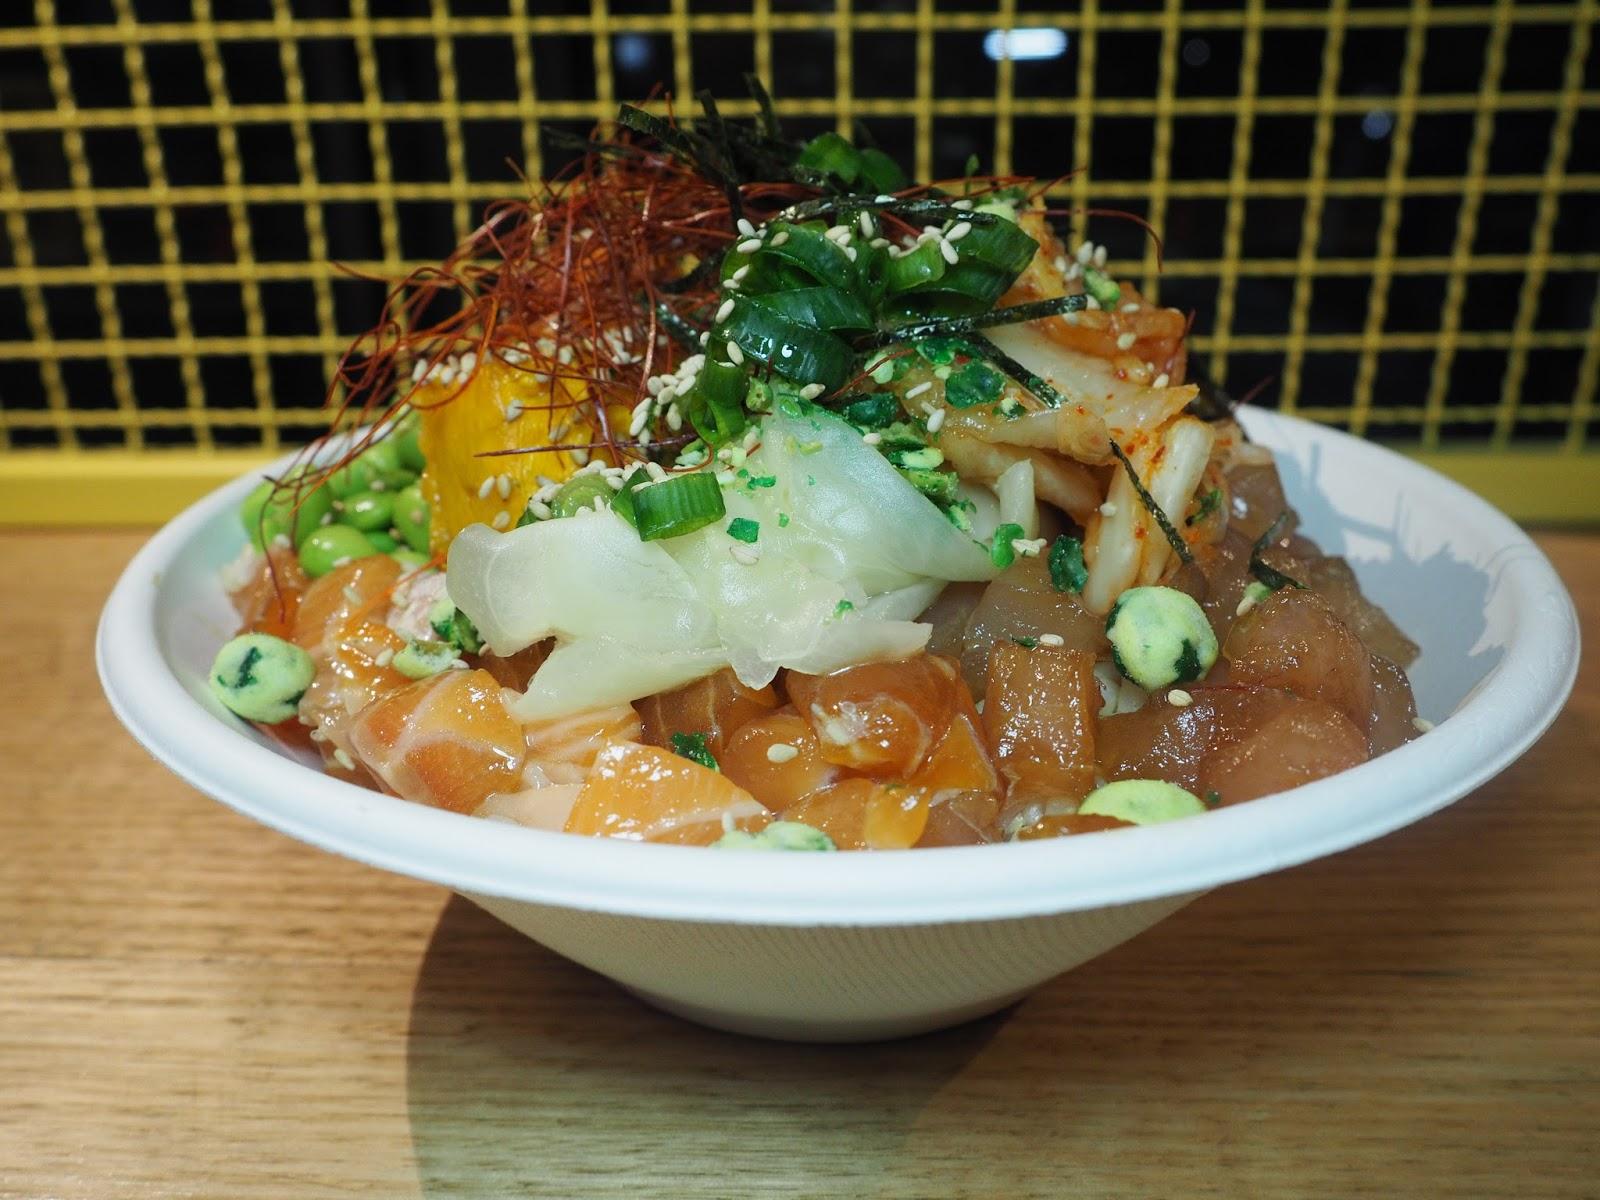 polo ralph lauren shoes singapore noodles calories cooked cabbag